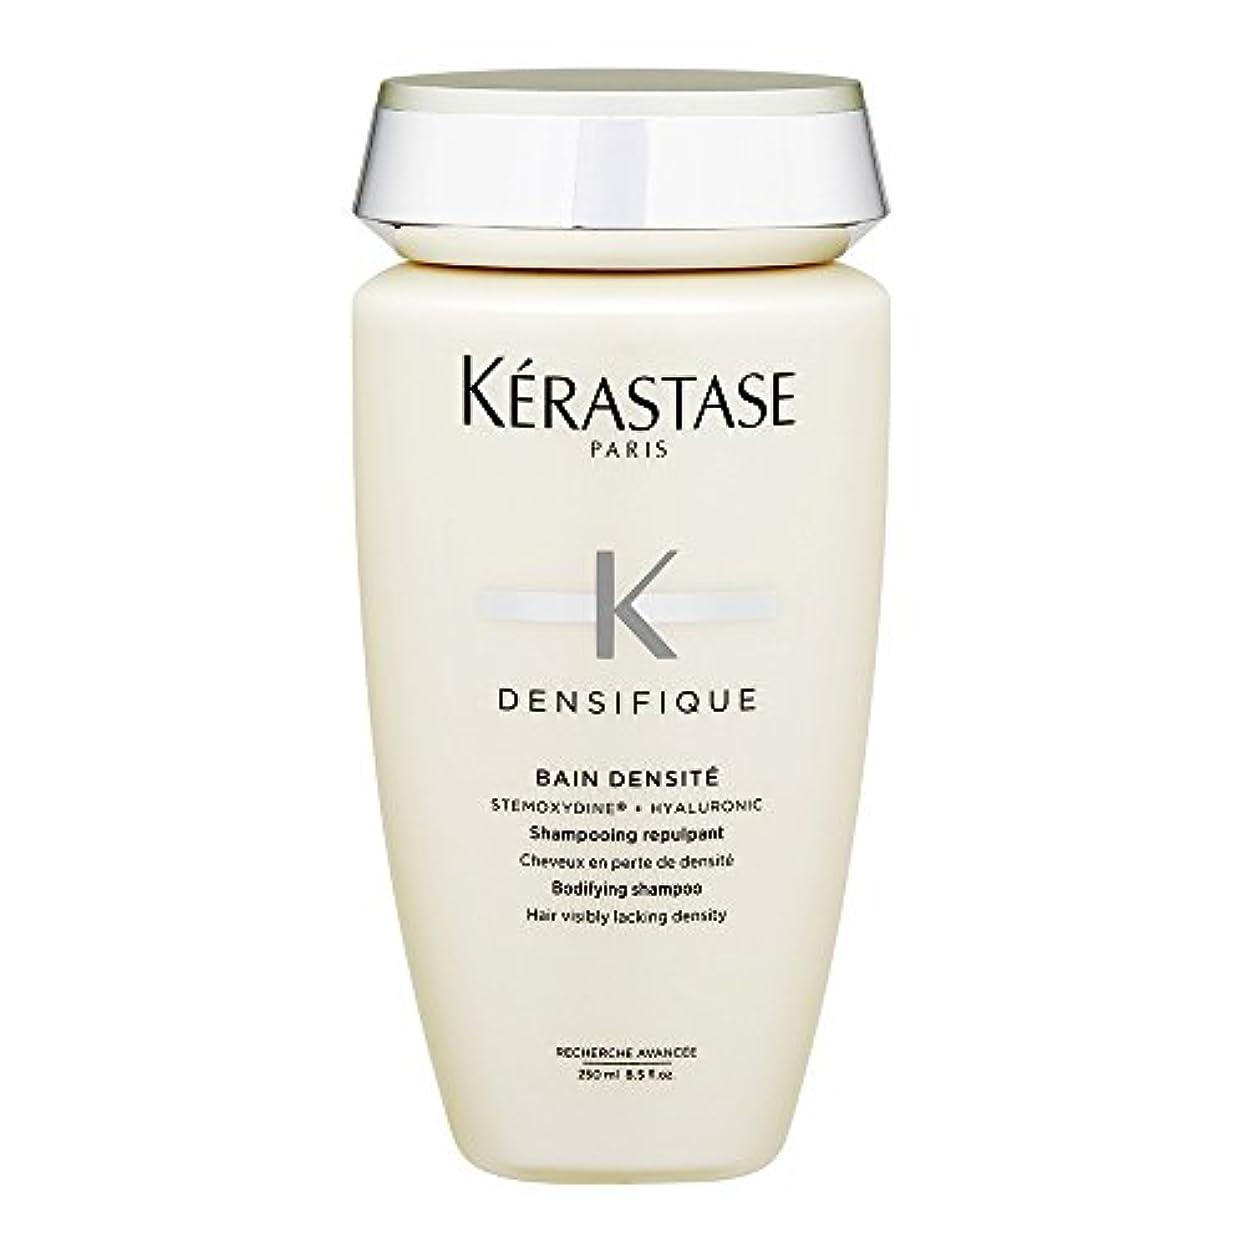 専門化するまた明日ね表向きケラスターゼ(KERASTASE) DS バン デンシフィック 250ml [並行輸入品]